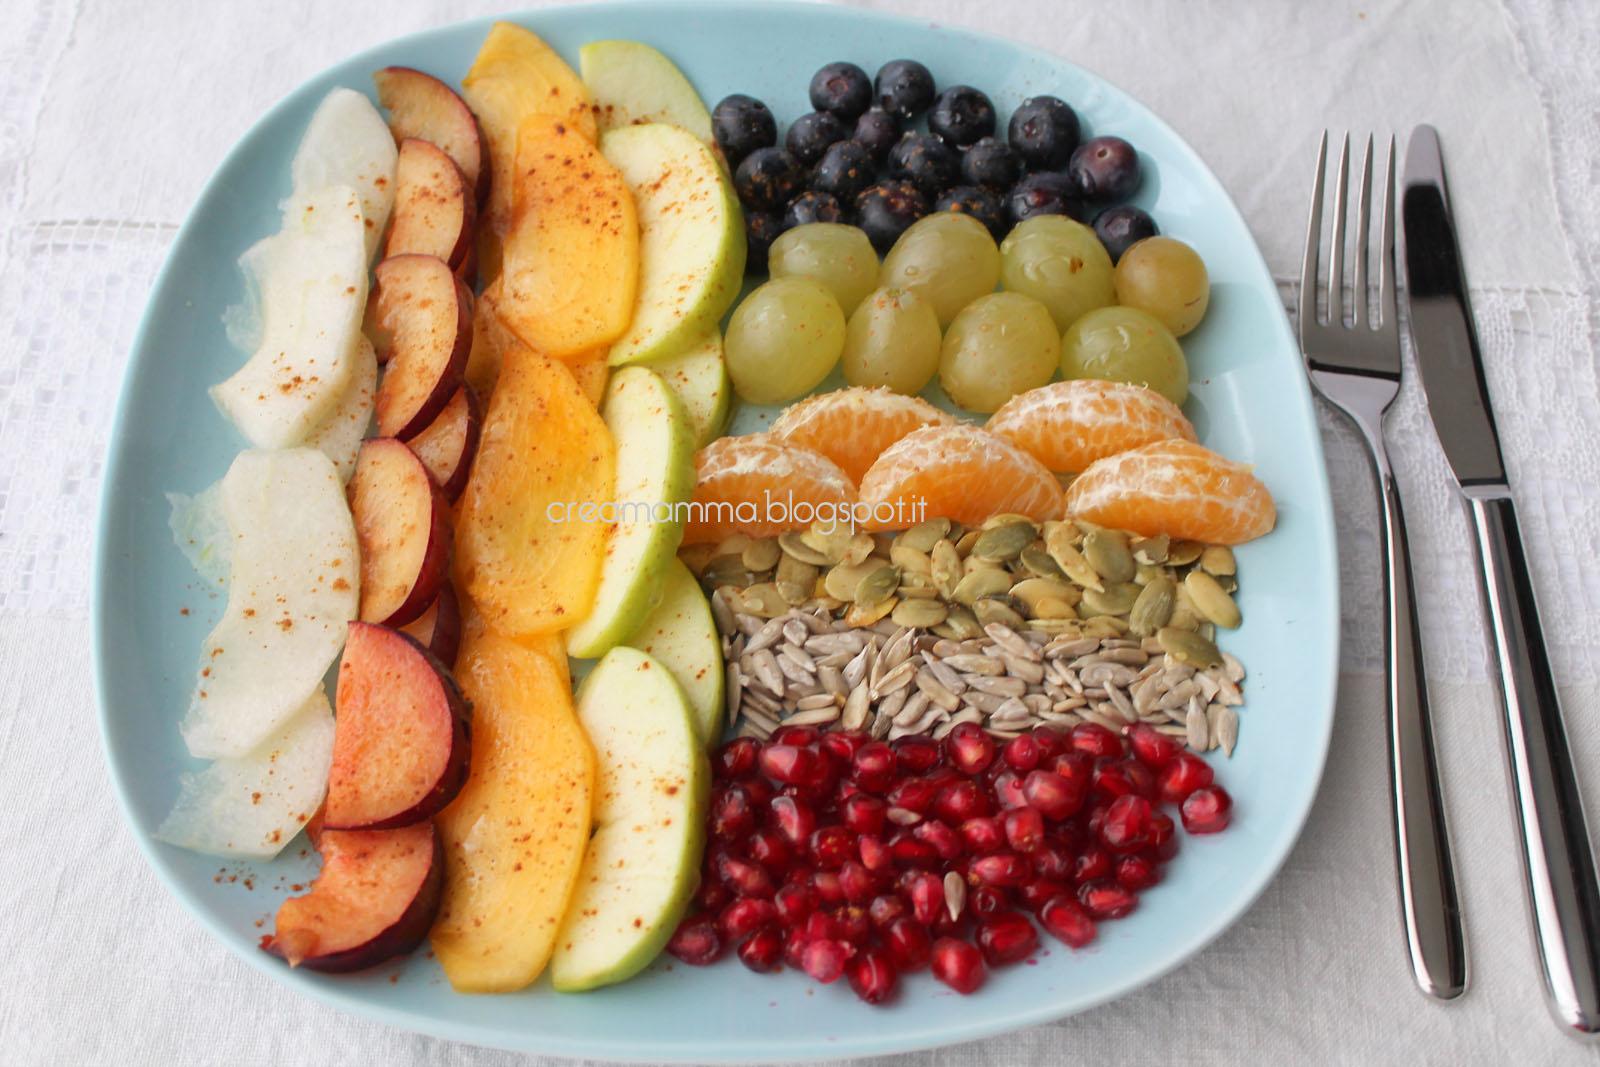 Famoso Diario di una Creamamma: Composizione di frutta autunnale con  MX29